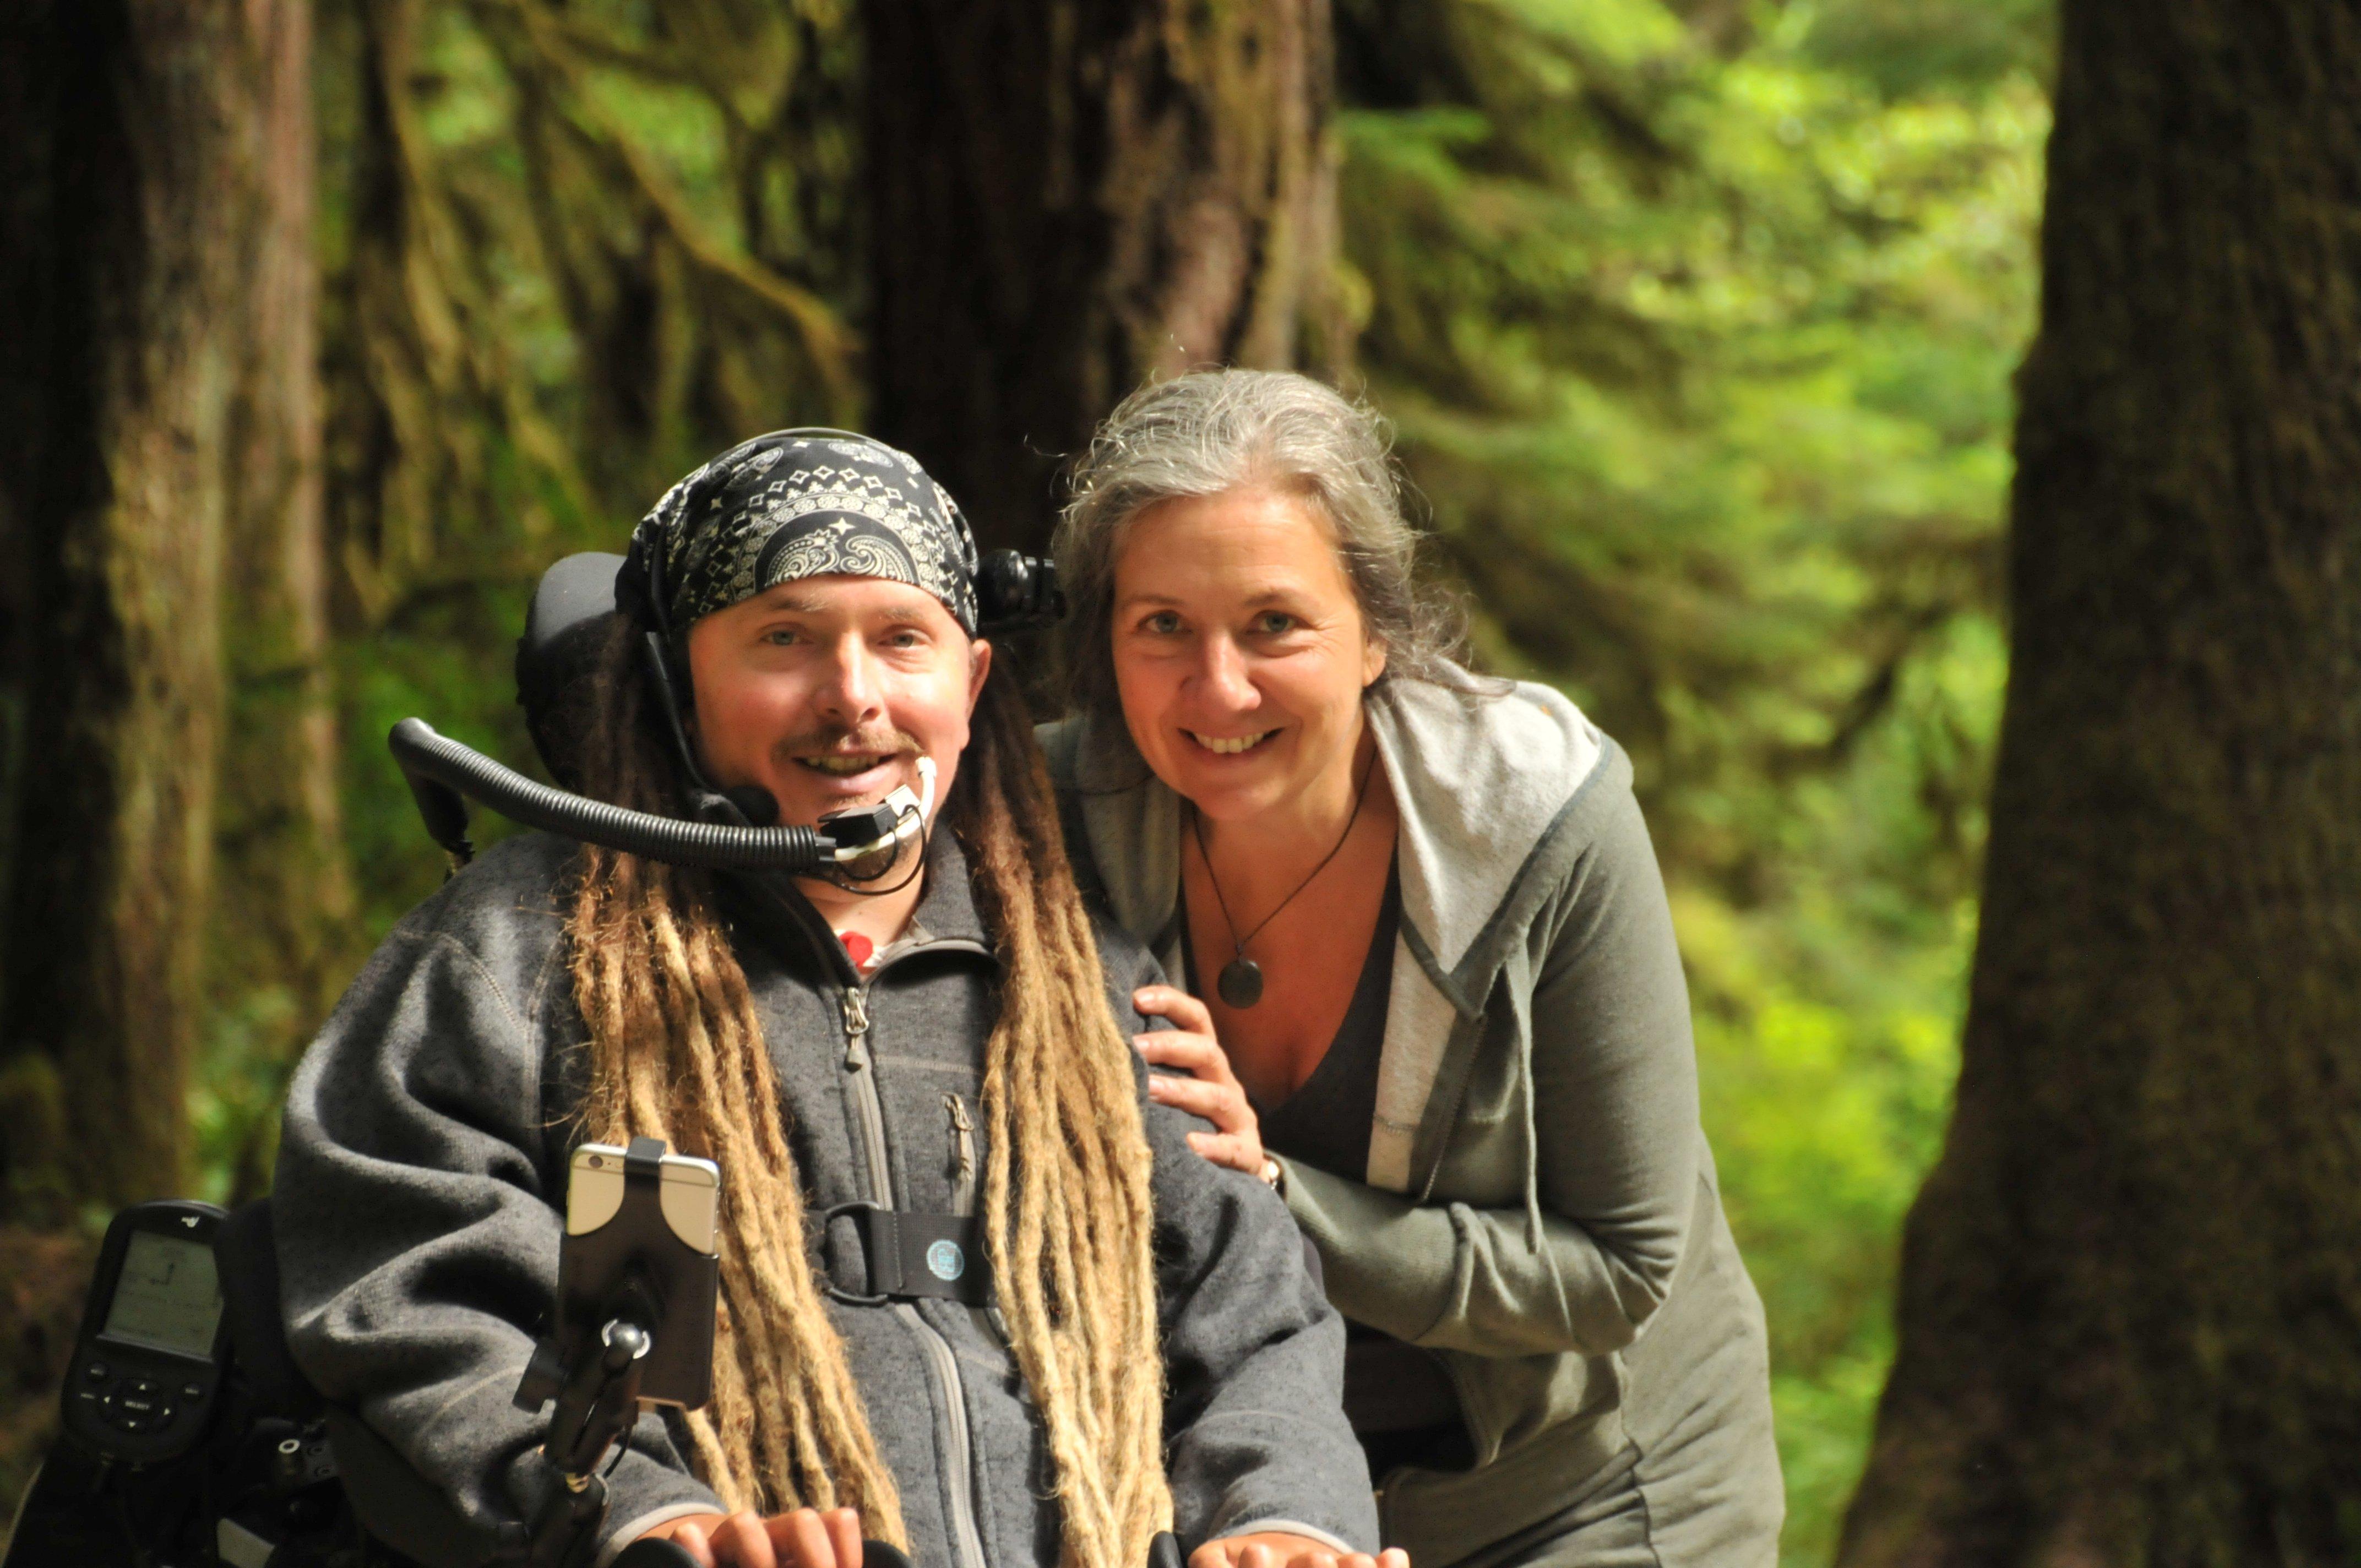 Иэн Маккей Вашингтон американец на инвалидном кресле коляске электрическом едет путешествует сша 480 километров 300 миль путешествия новости отвратительные мужики